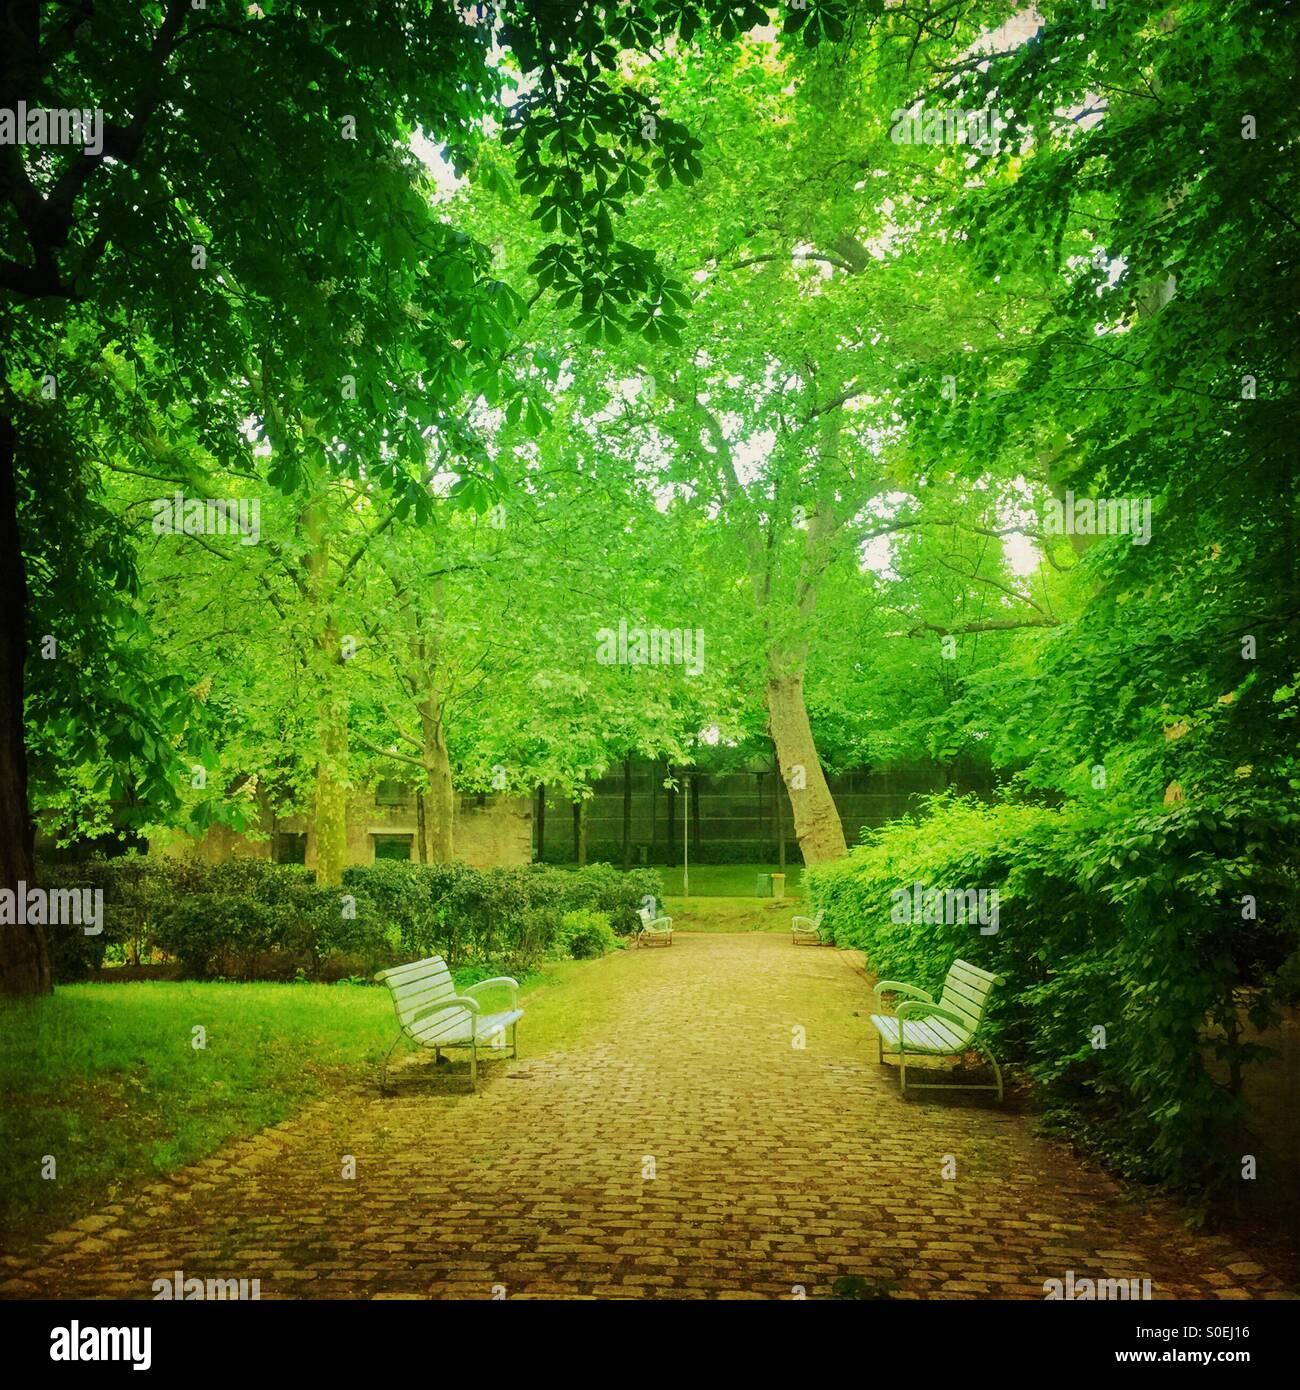 Campo Verde Parc de Bercy con pavimento de piedra, bancas, árboles y follaje de primavera frescos en París, Francia. Vintage superposición de textura. Foto de stock